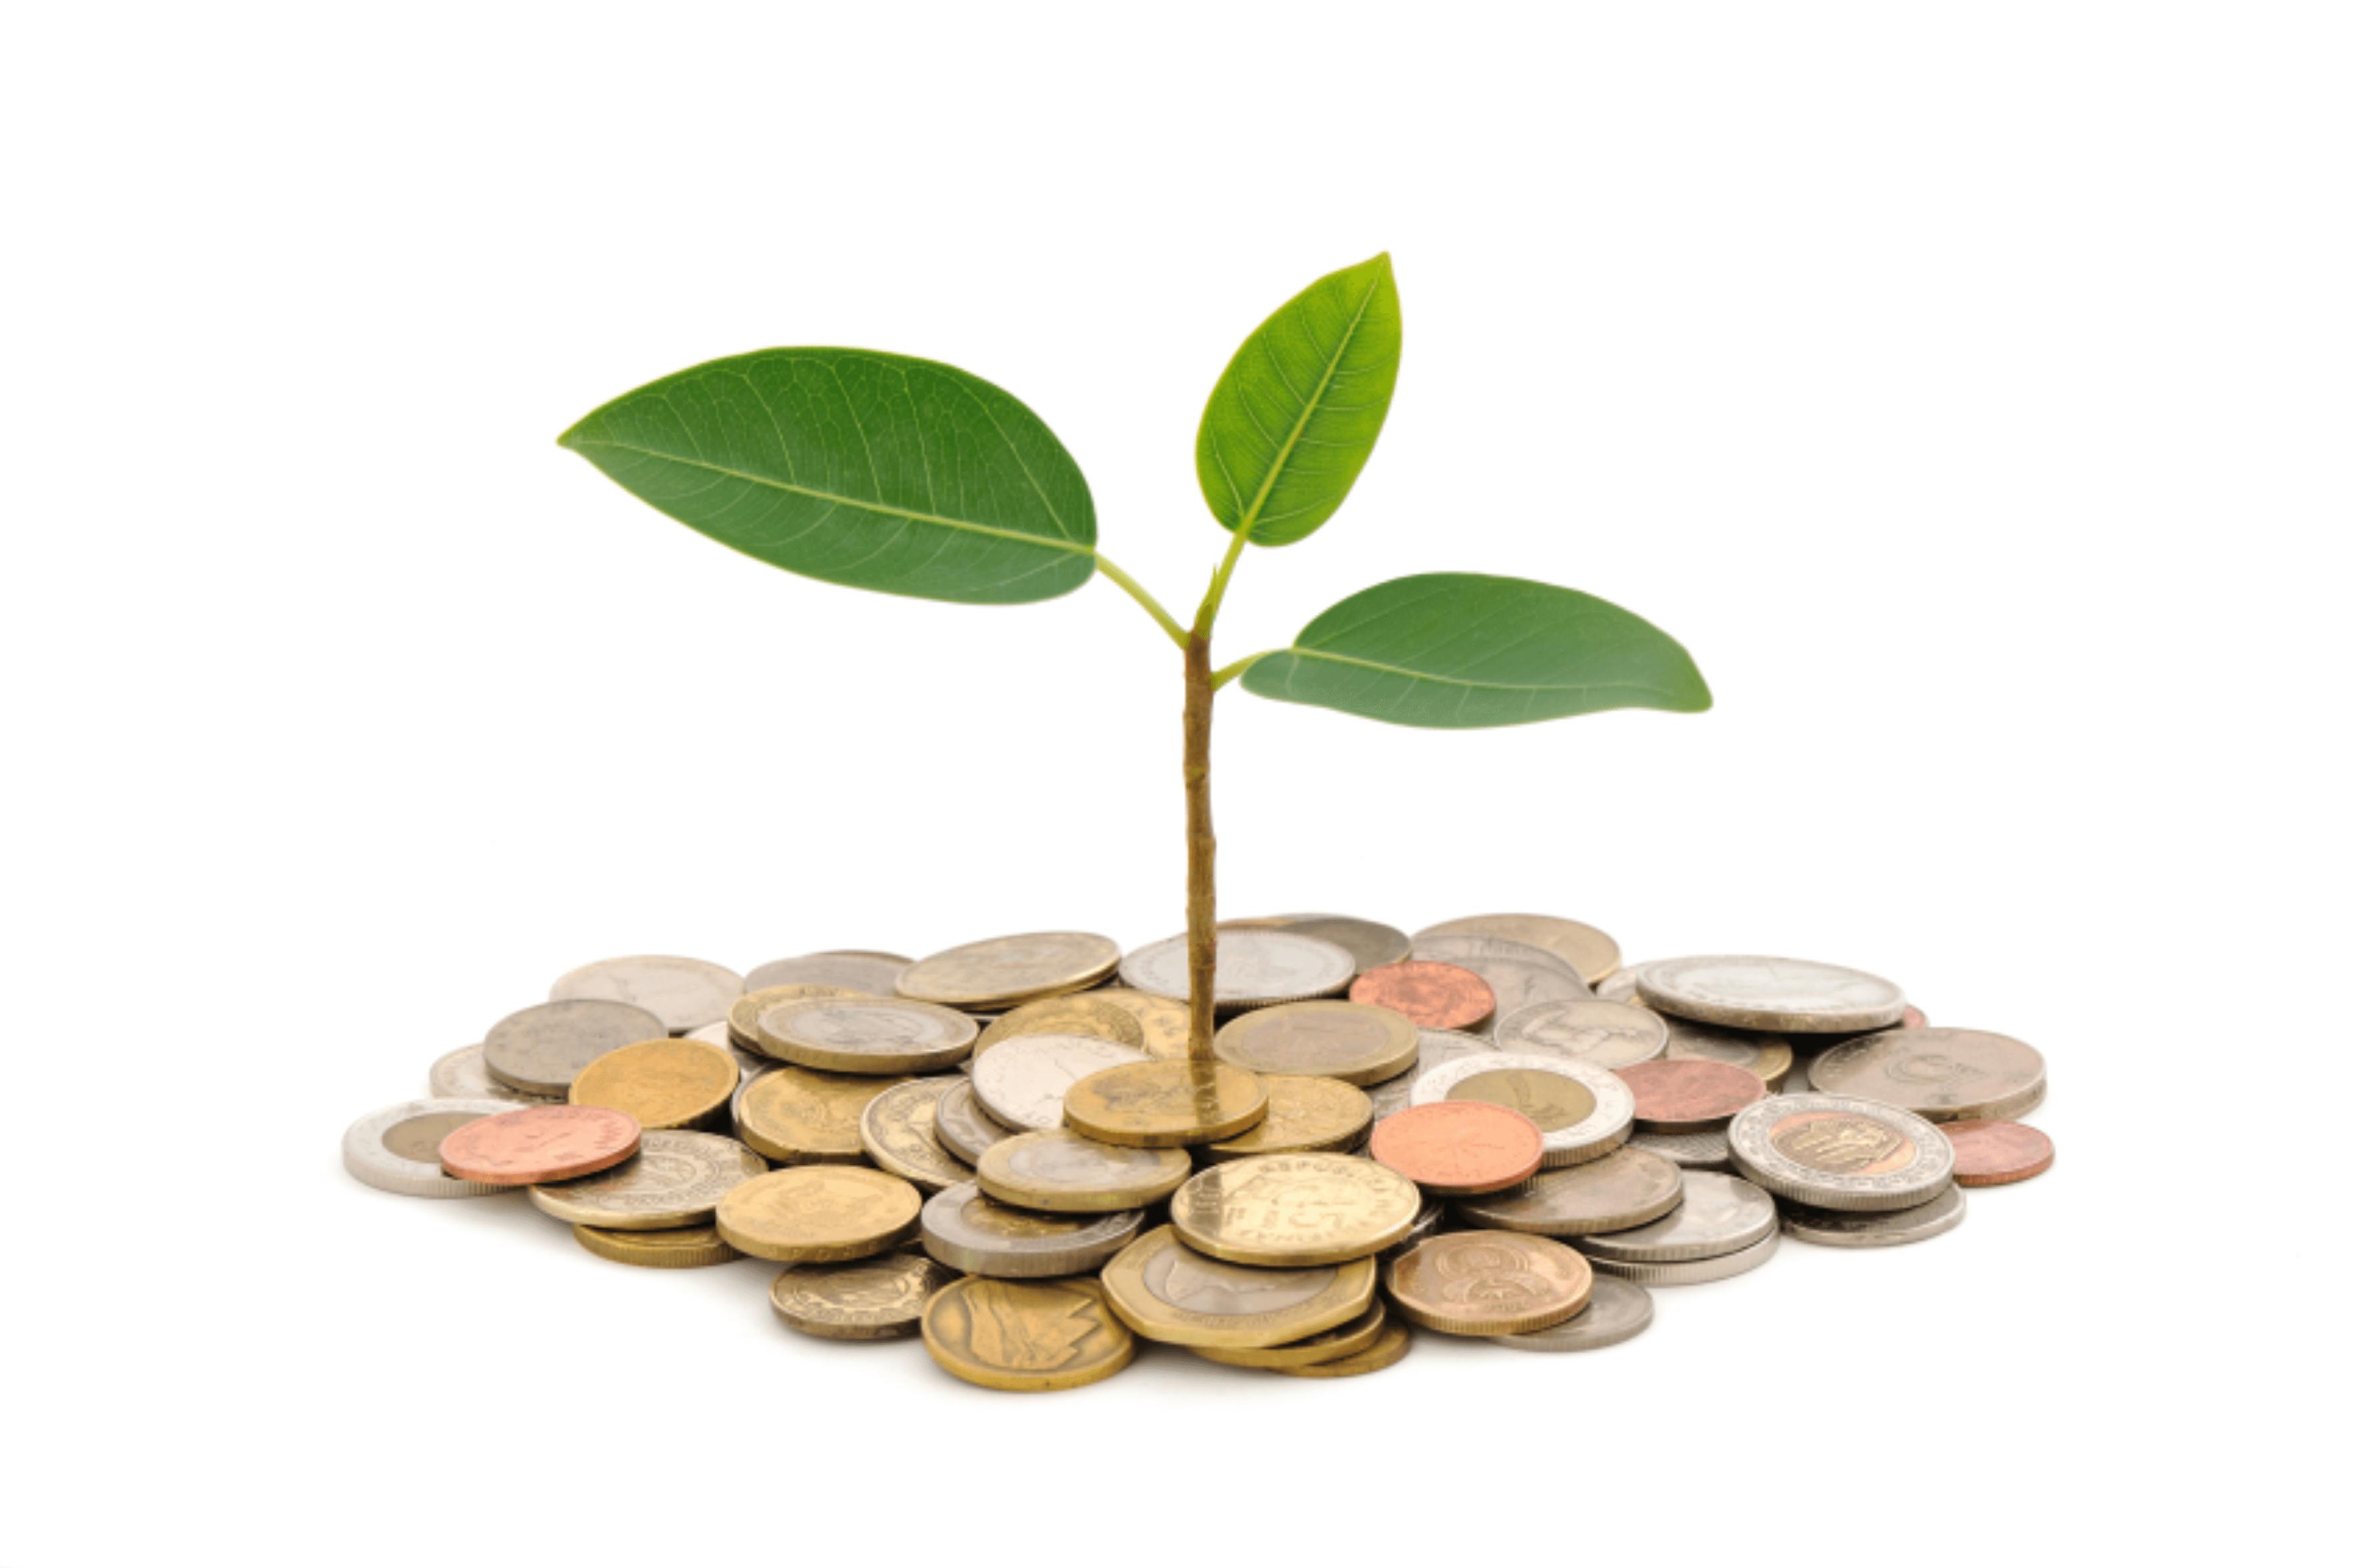 União aprova Lei que atualiza monetariamente a TCFA